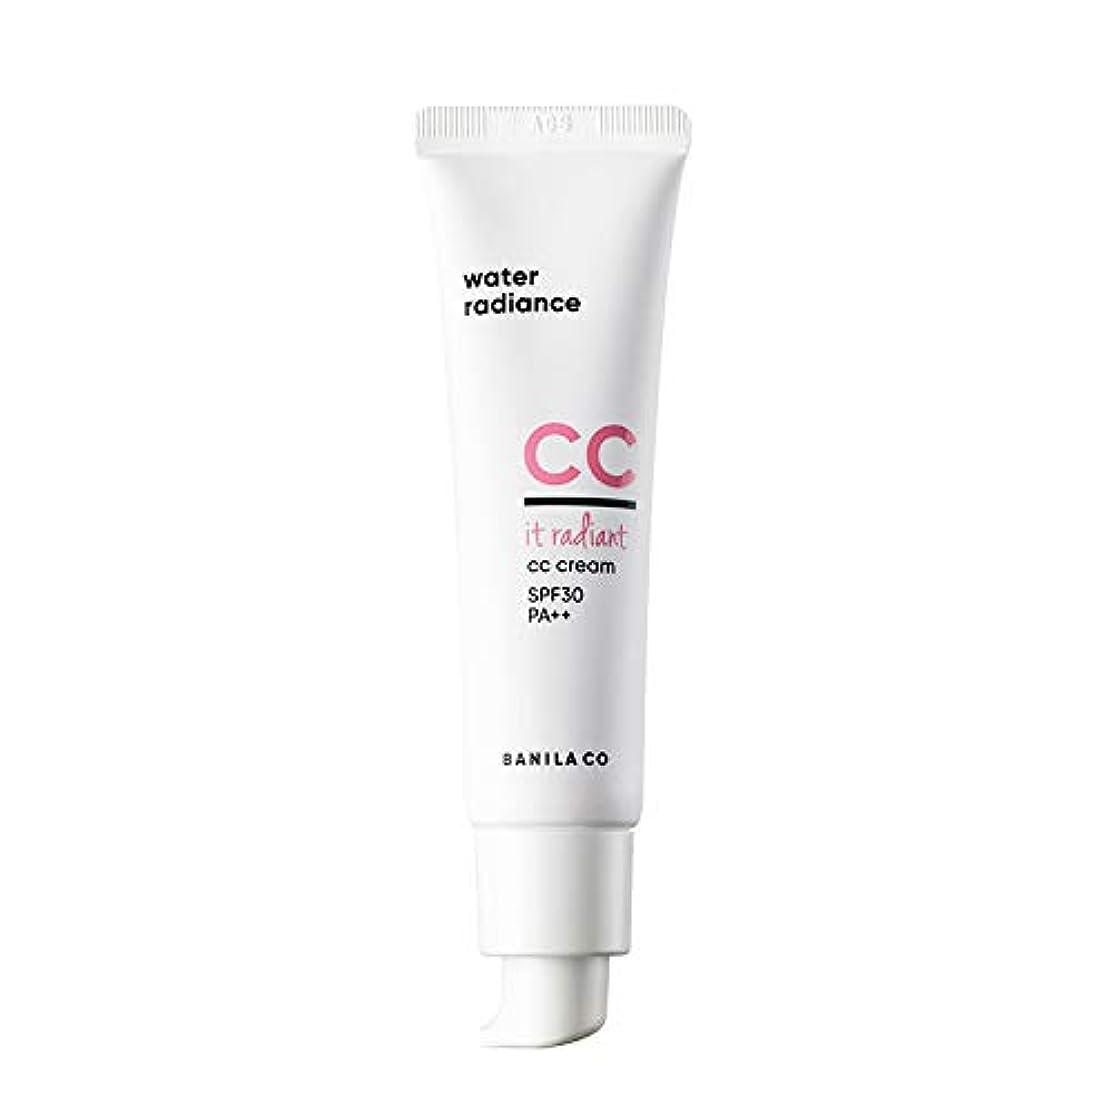 意図する口述する汚れるBANILA CO(バニラコ) イットレディアント ccクリーム It Radiant CC Cream